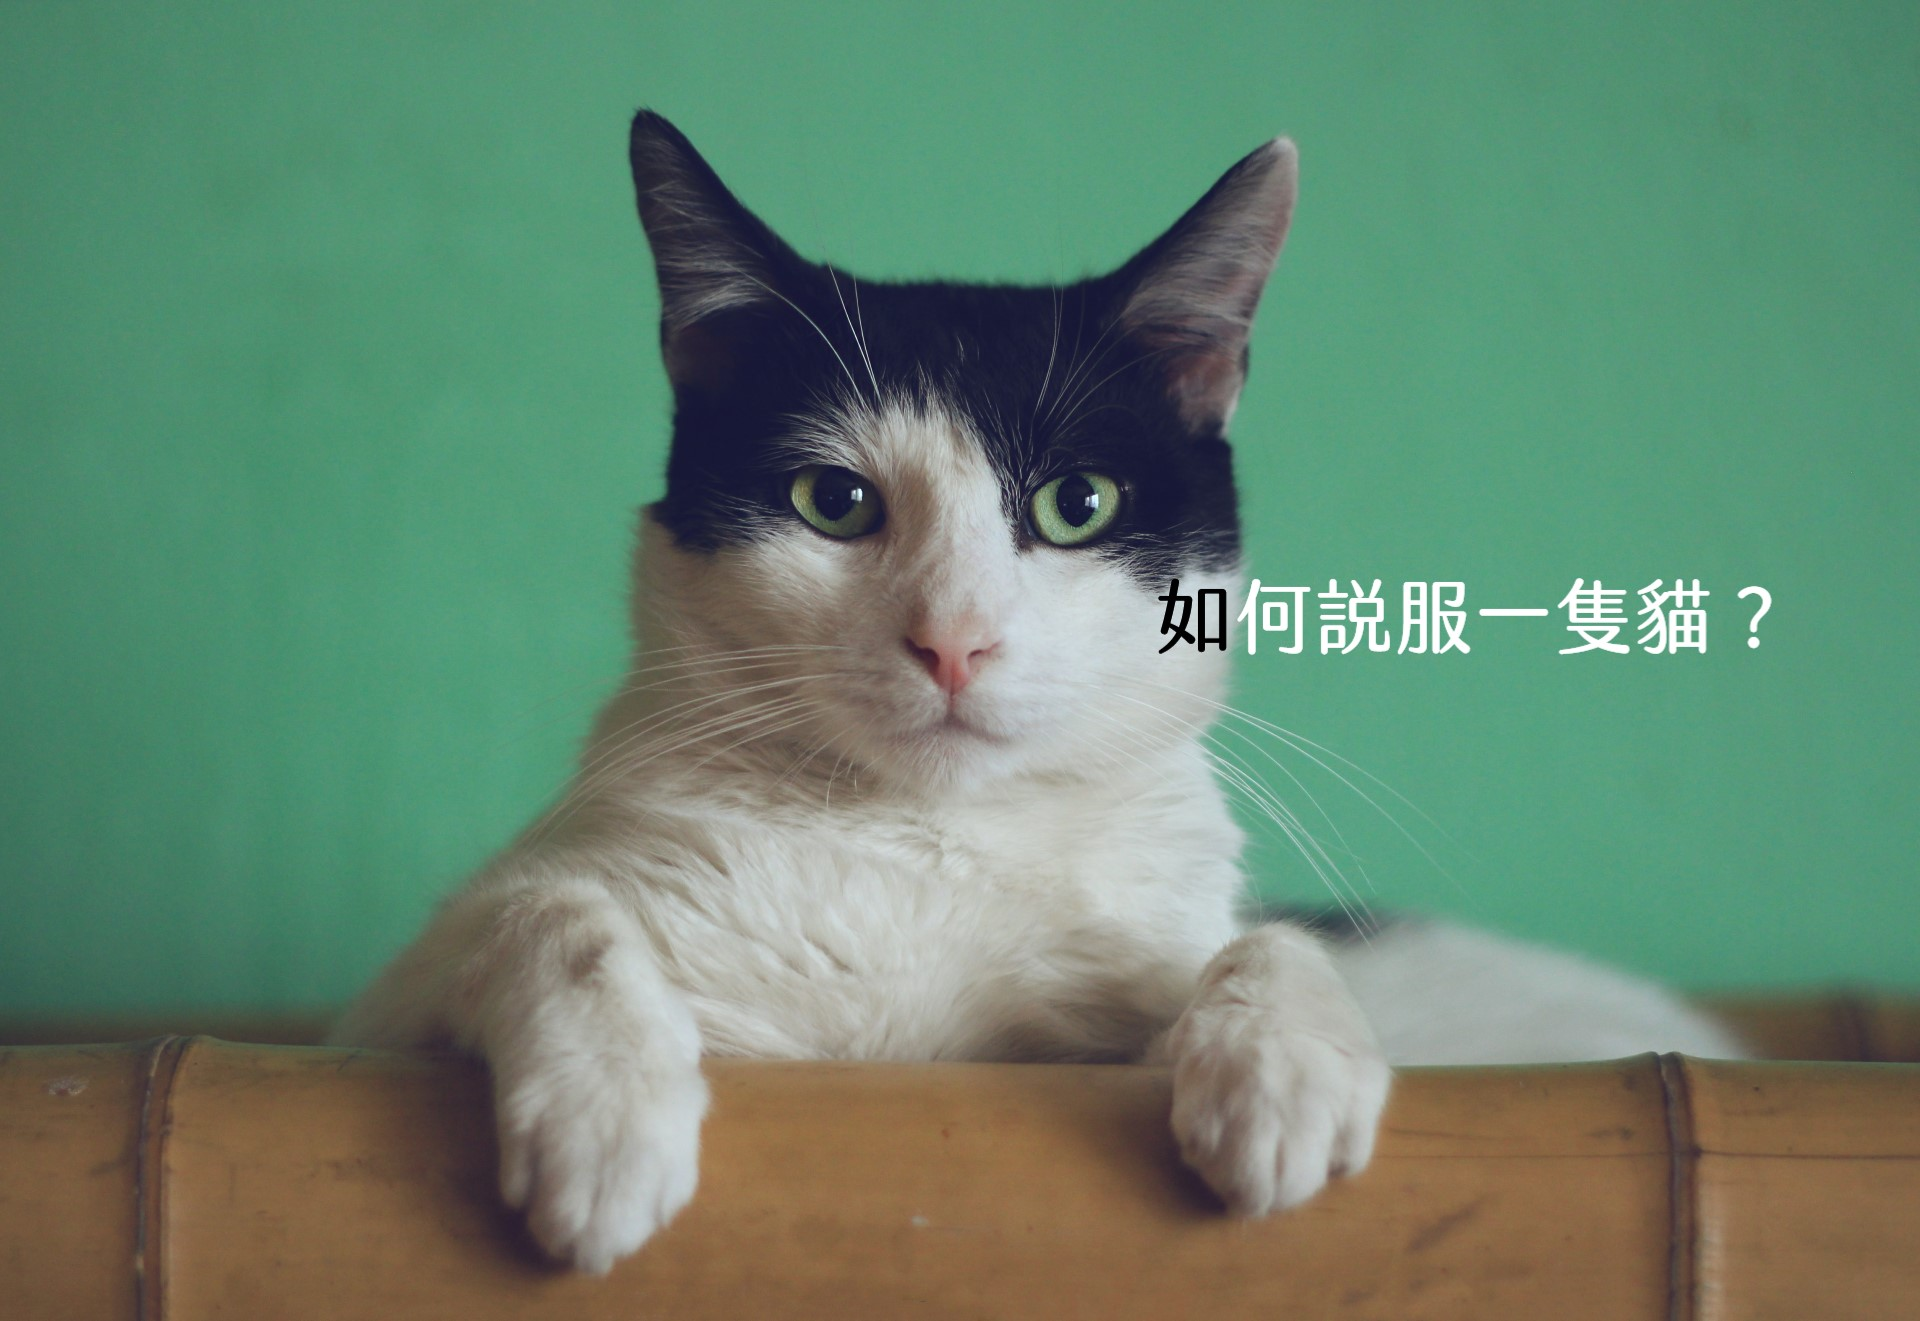 【嘉鴻筆記】如何說服一隻貓? 5